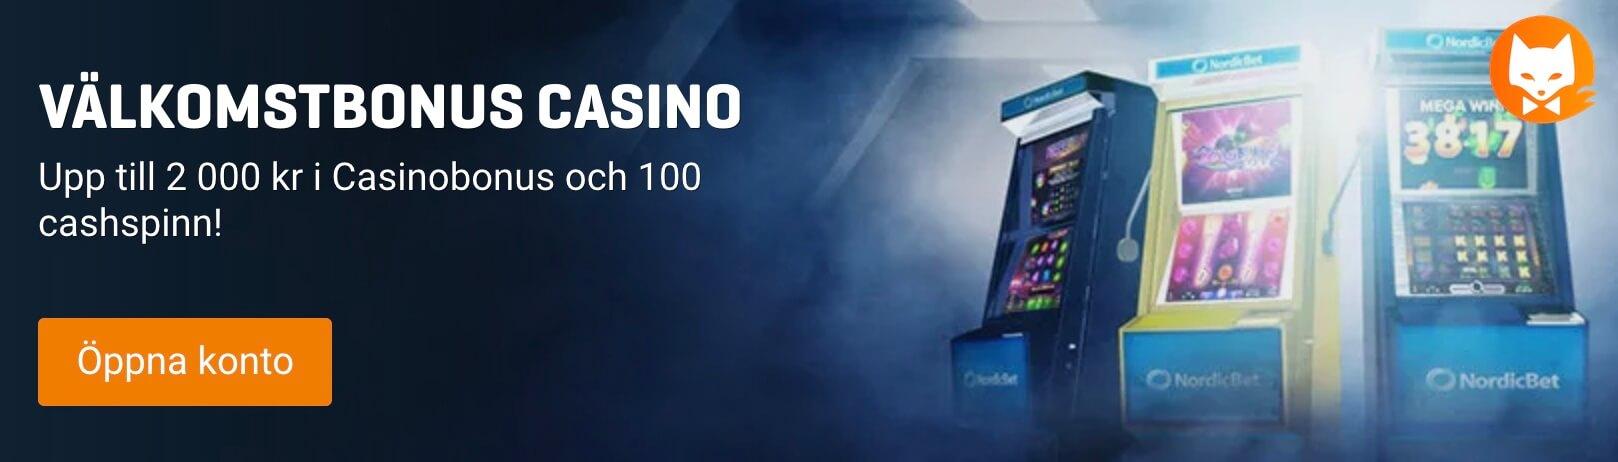 Casinospel världen - 39331